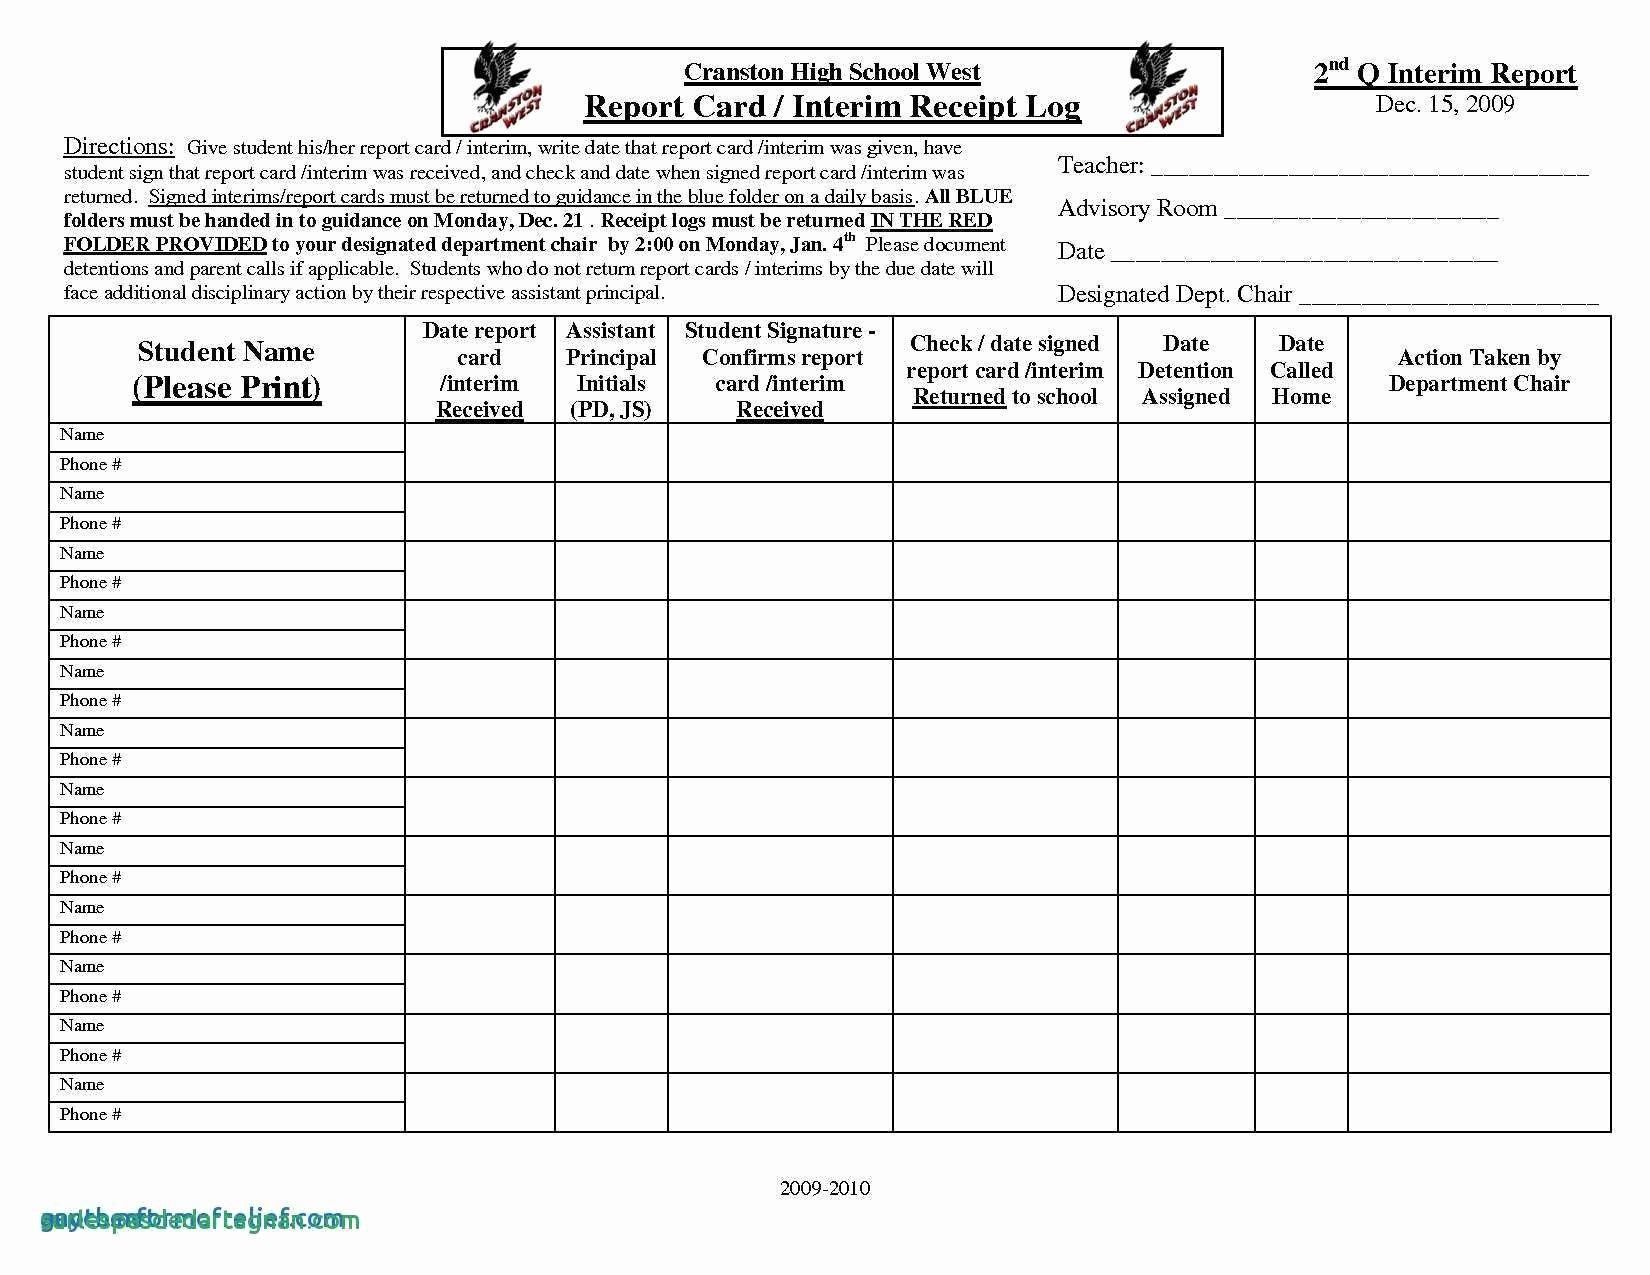 Homeschool Report Card Template Word Luxury Homeschool Report Card Template Middle School Best School Report Card Report Card Template Homeschool Middle School Homeschool report card template word